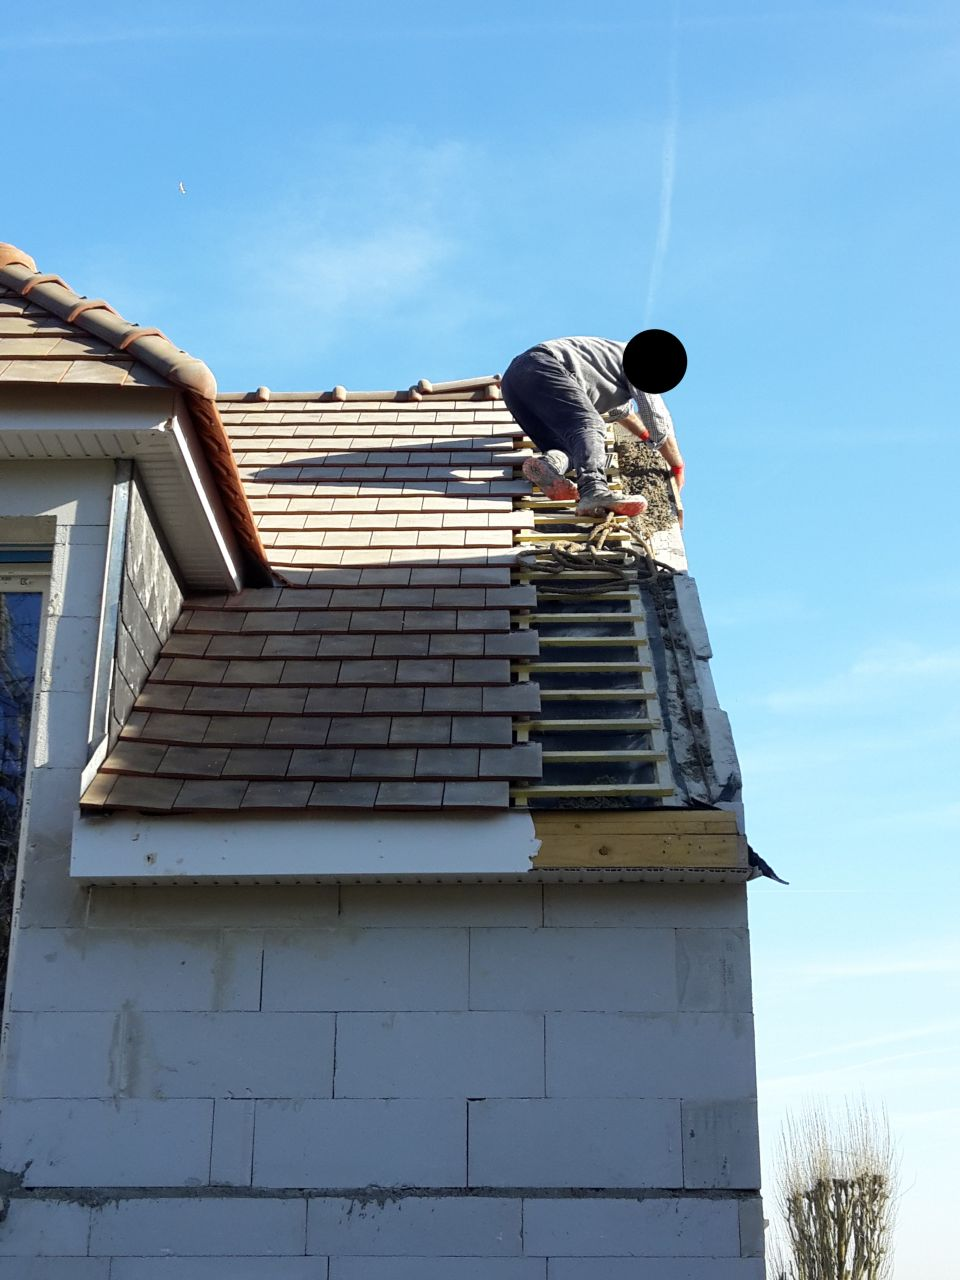 Reprises des rampants le 14/02/2019, sachant que le placo et l'isolation à l'intérieur de la maison sont faites. Ils ont du coupé les tasseaux soutenant les tuiles, couper l'écran sous-toiture et ils sont allés ajouté des ferraillages alors qu'il n'y avait pas les ferraillages auxquels ils auraient du les accrocher... du n'importe quoi... et cela fait 4 semaines que notre toit est comme ça.